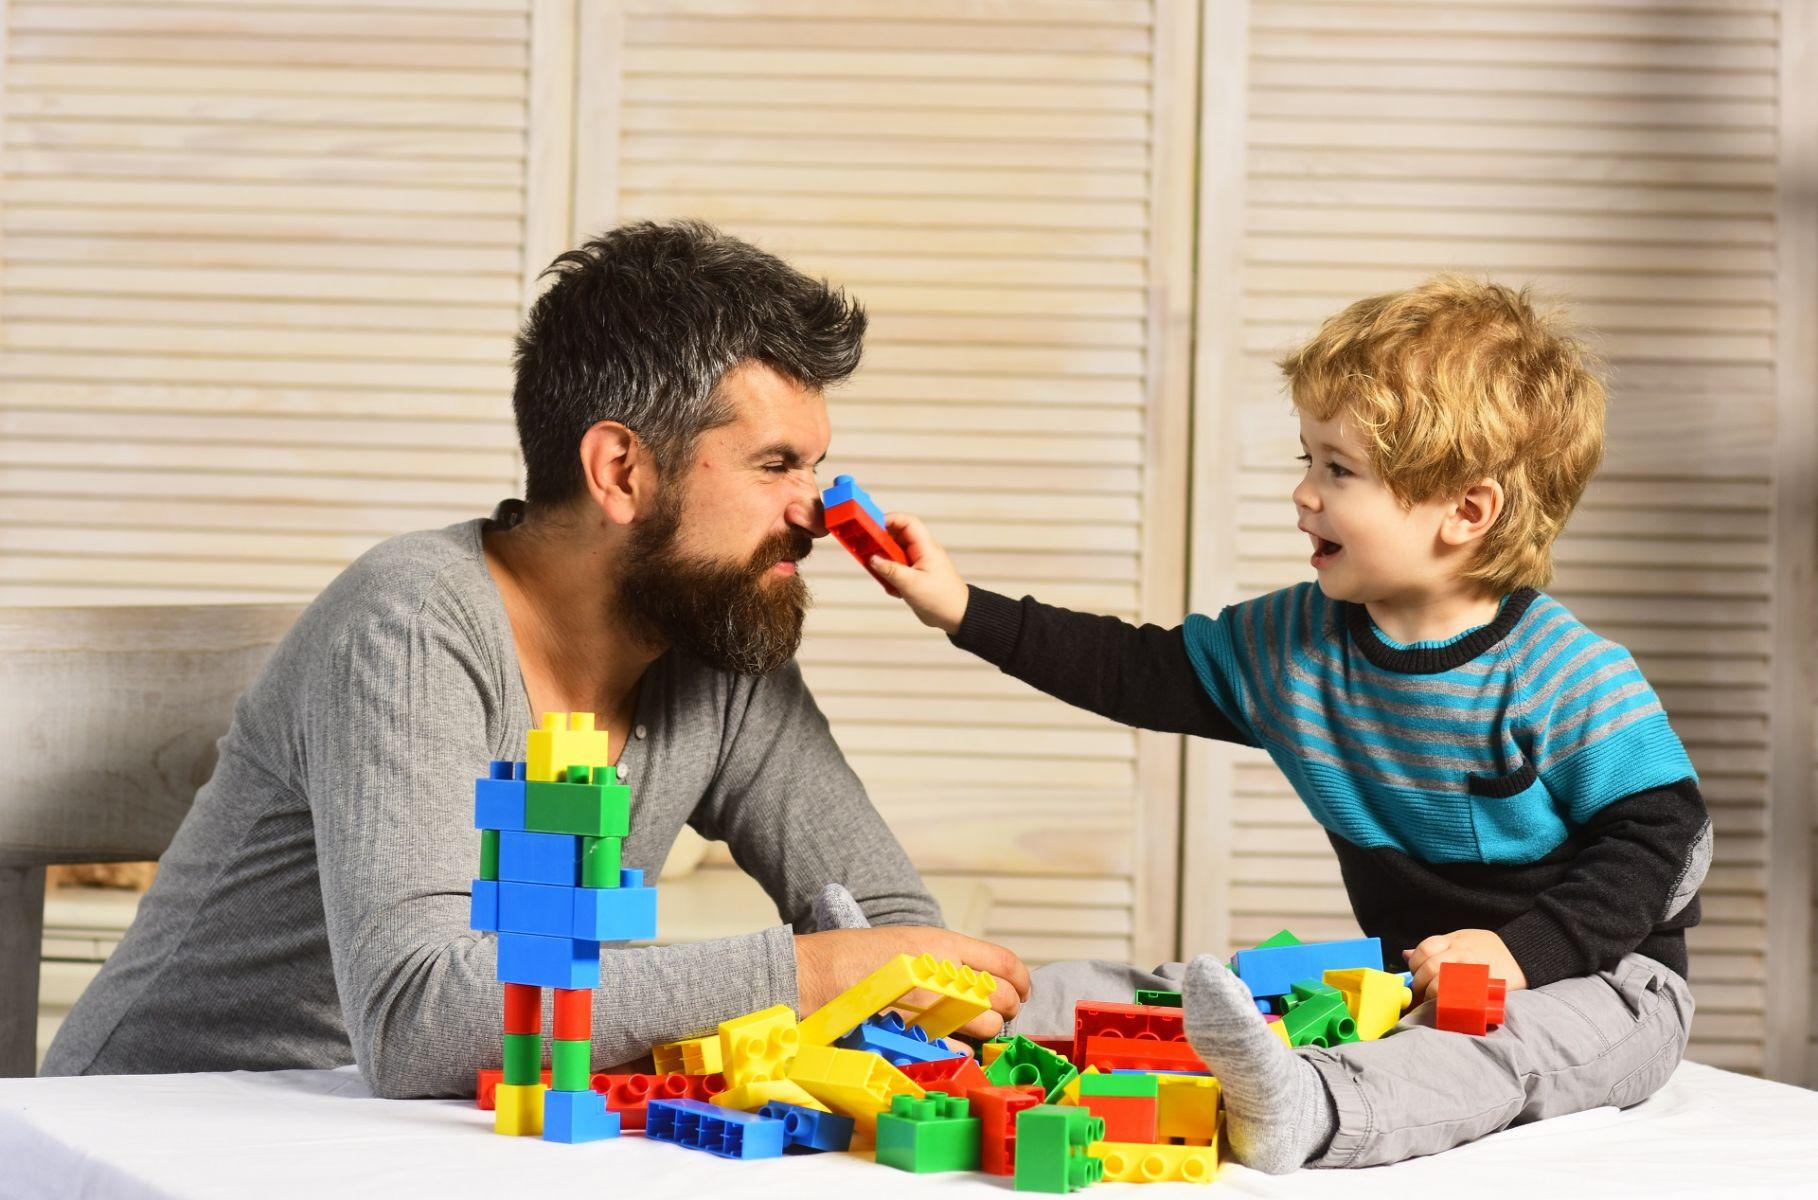 《專題報導》看各國父親節習俗大不同 老爸挑保單有3撇步加強「保」護